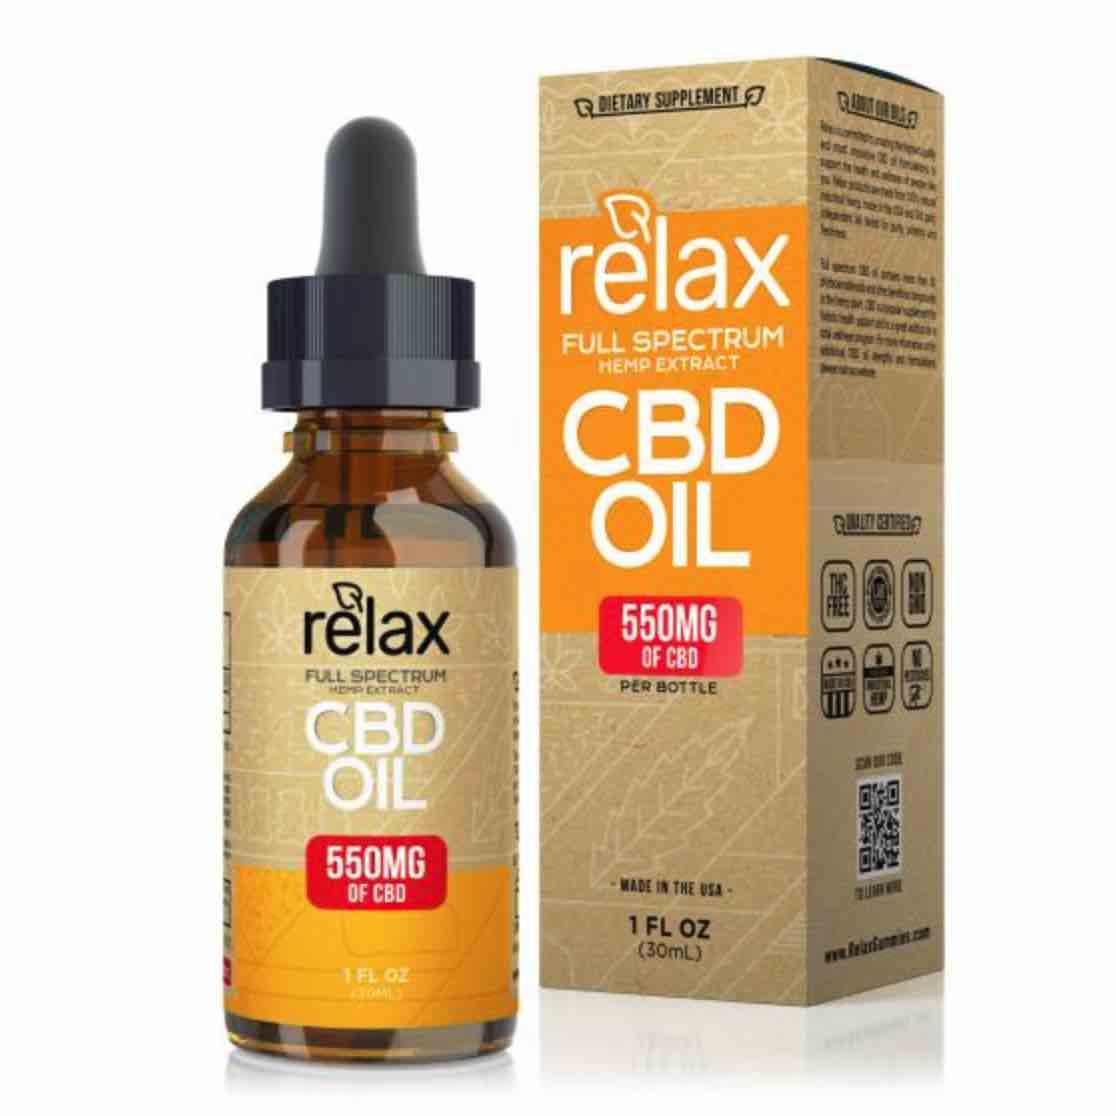 Relax Full Spectrum CBD Oil